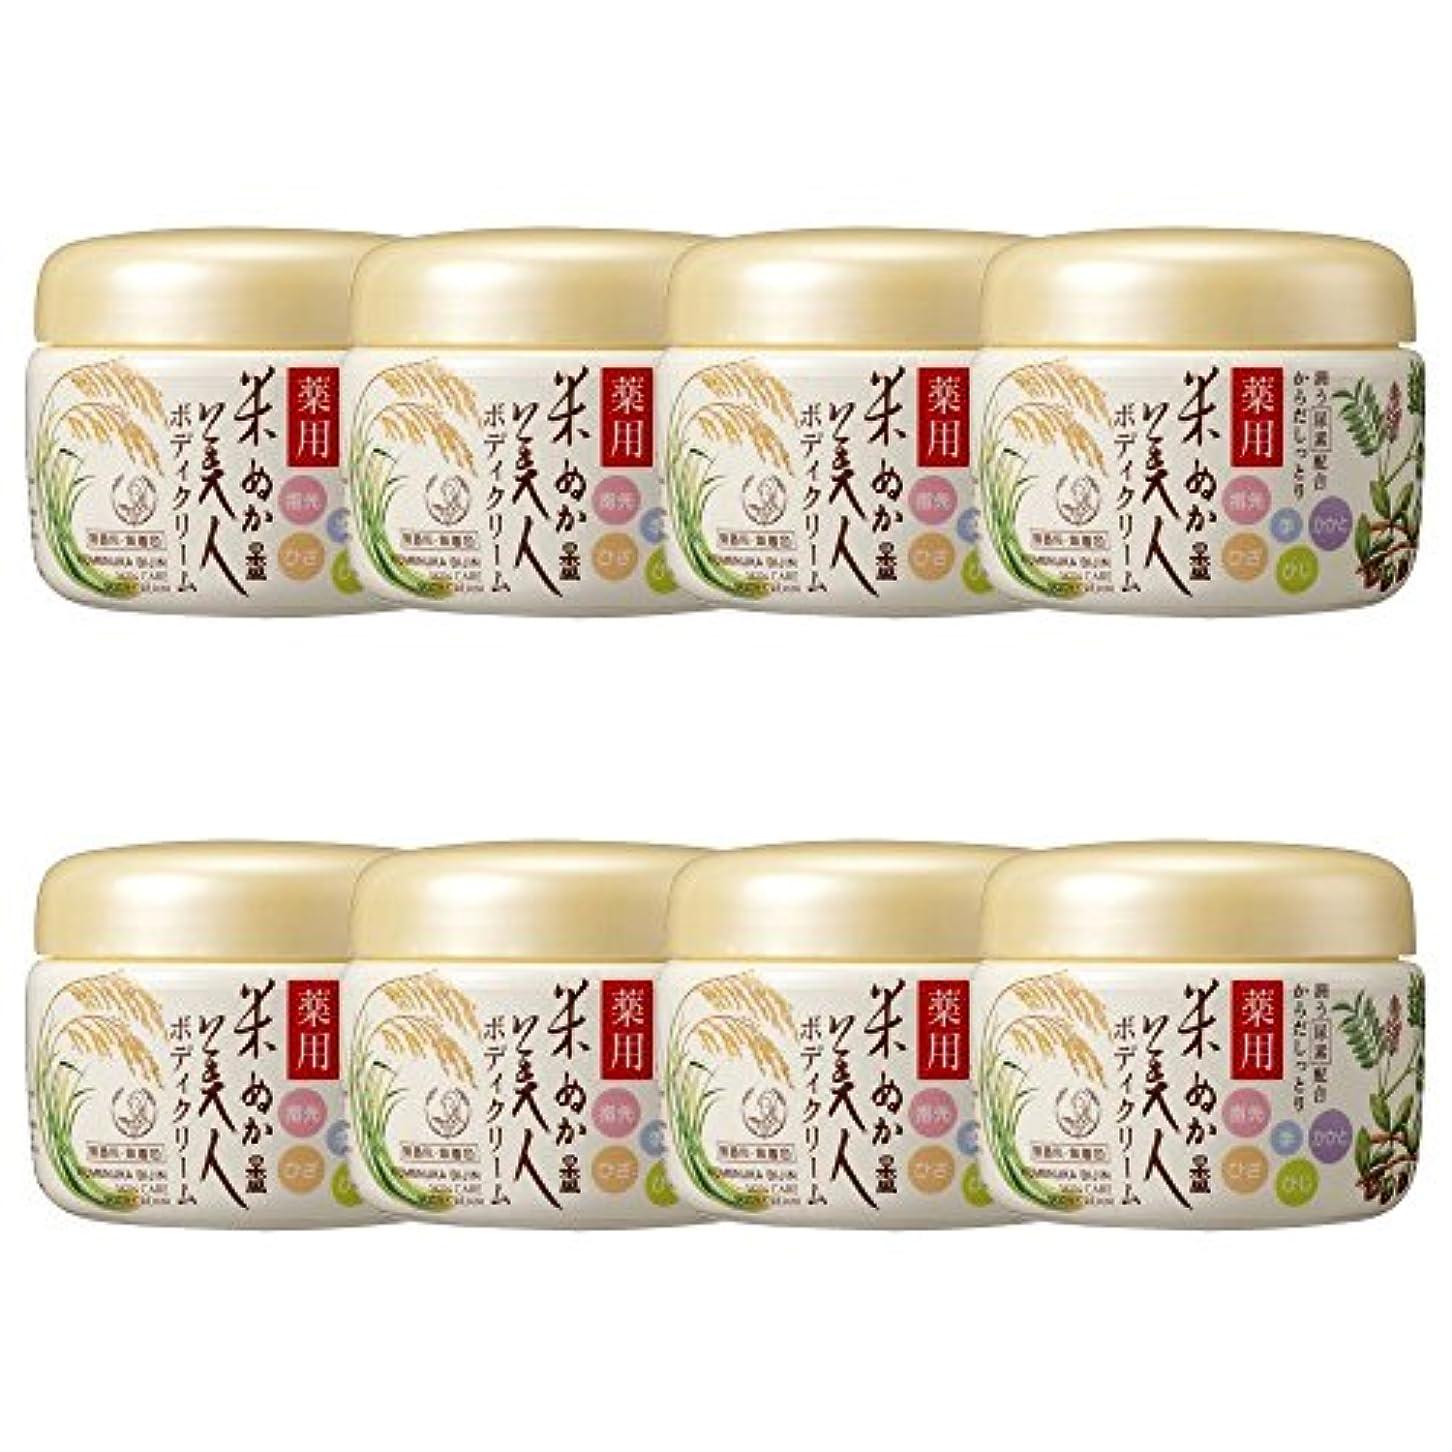 キー寛容な複製する【セット】米ぬか美人 薬用ボディクリーム 140g ×8個